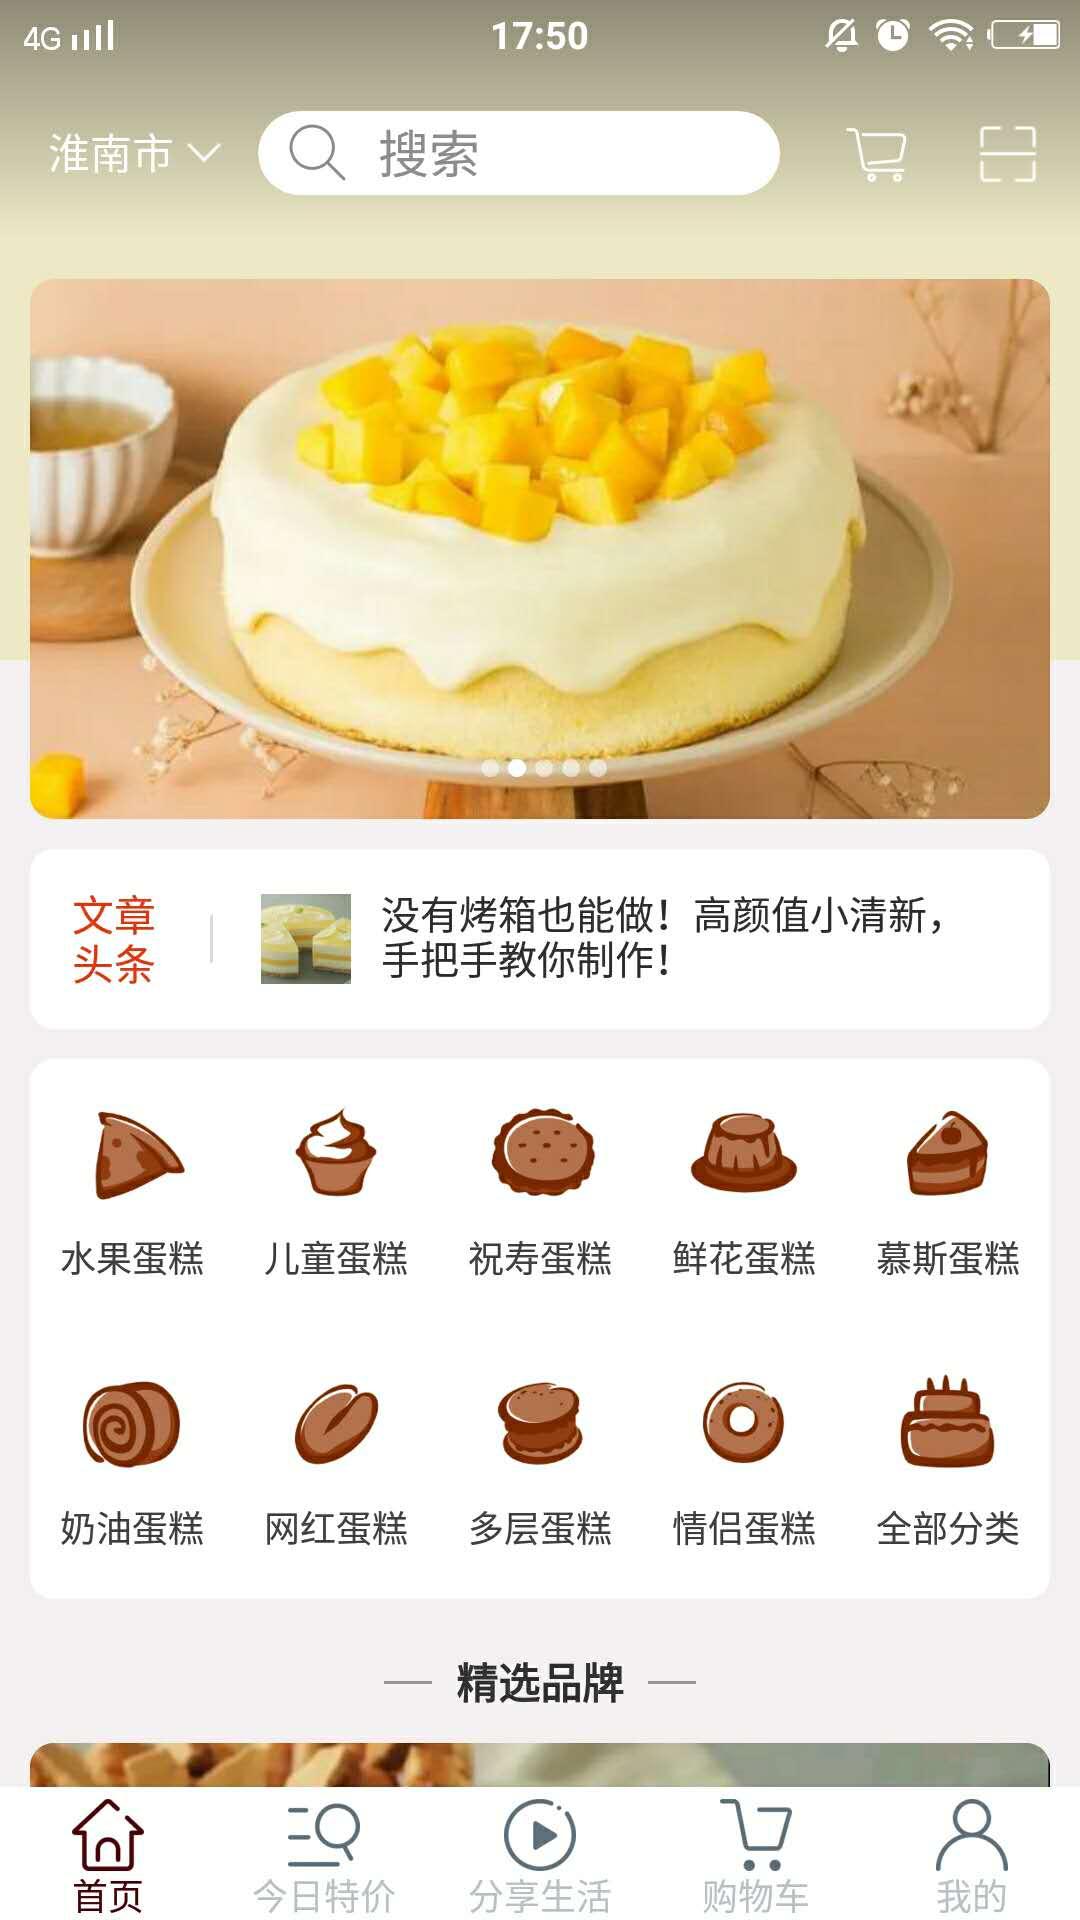 同城蛋糕汇_图片2